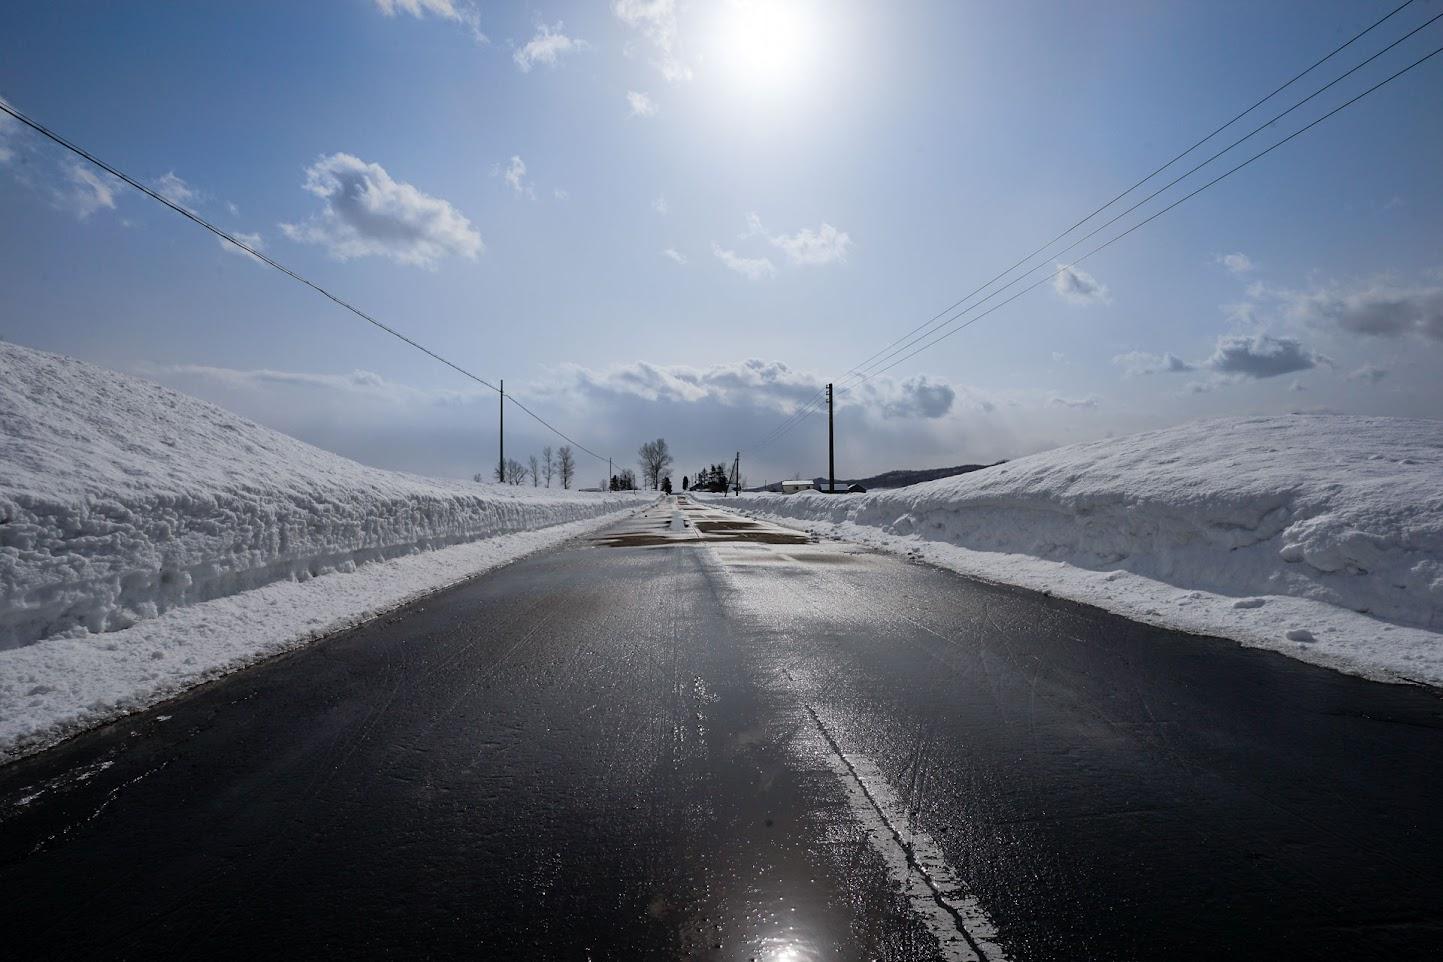 道路の雪を溶かす春の陽